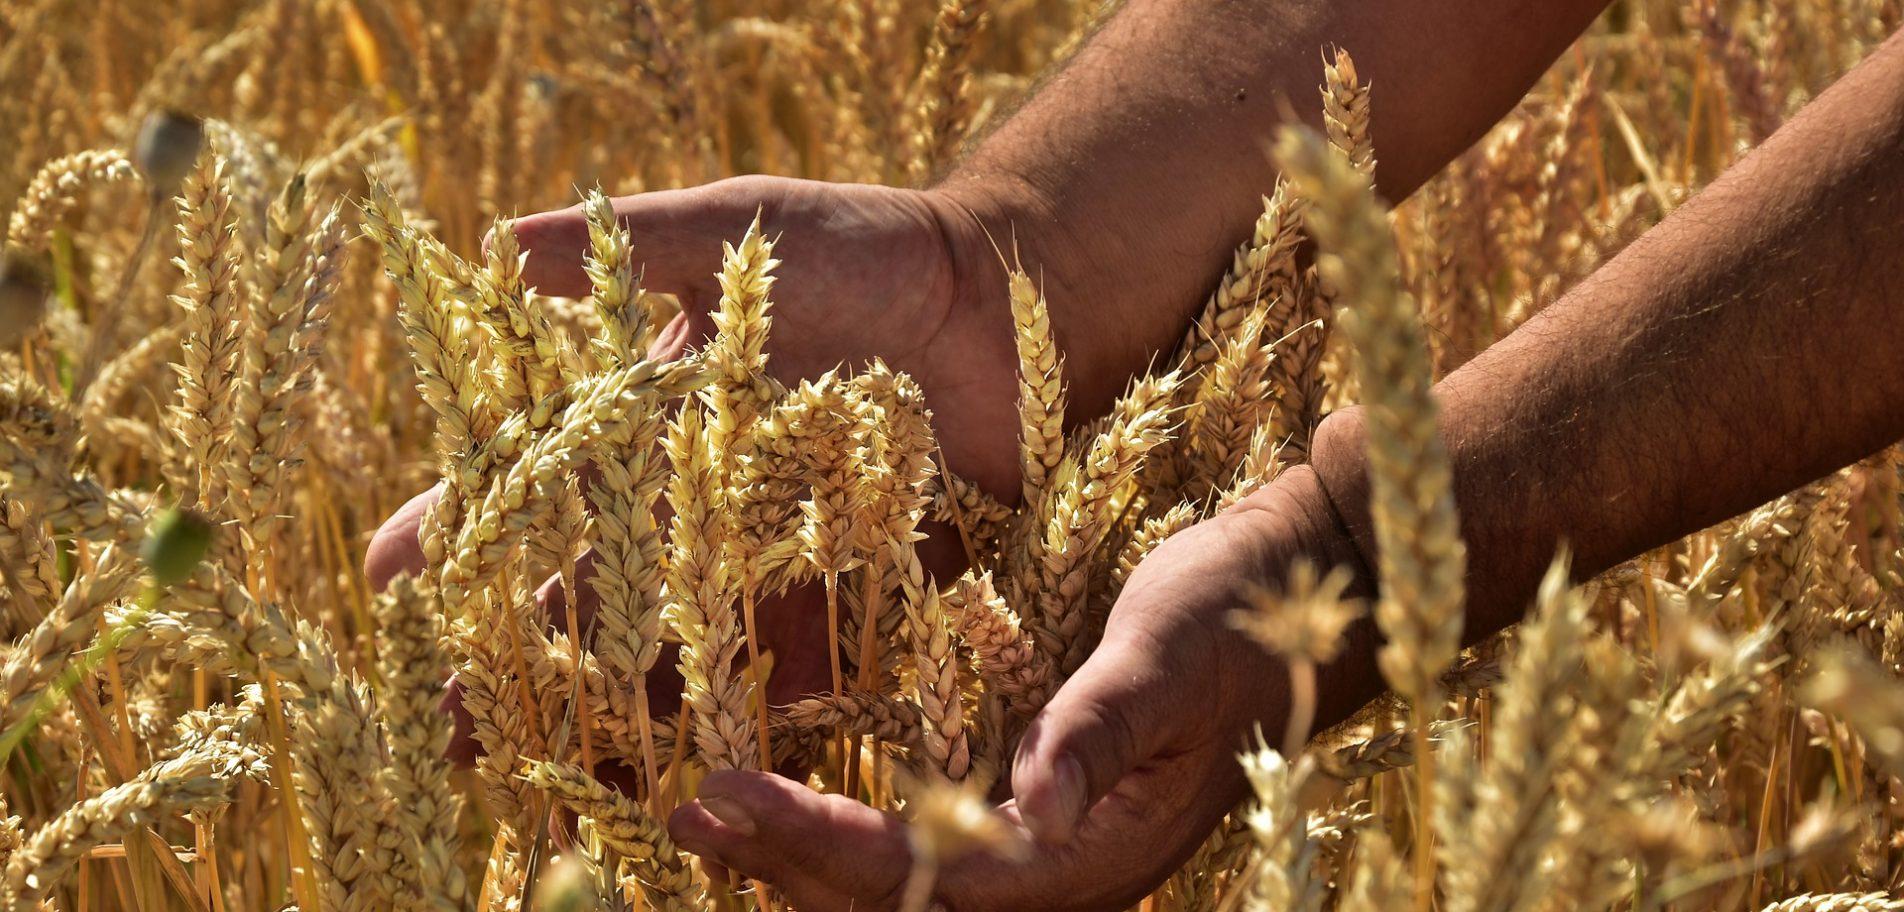 deux mains qui tiennent des épis de blé